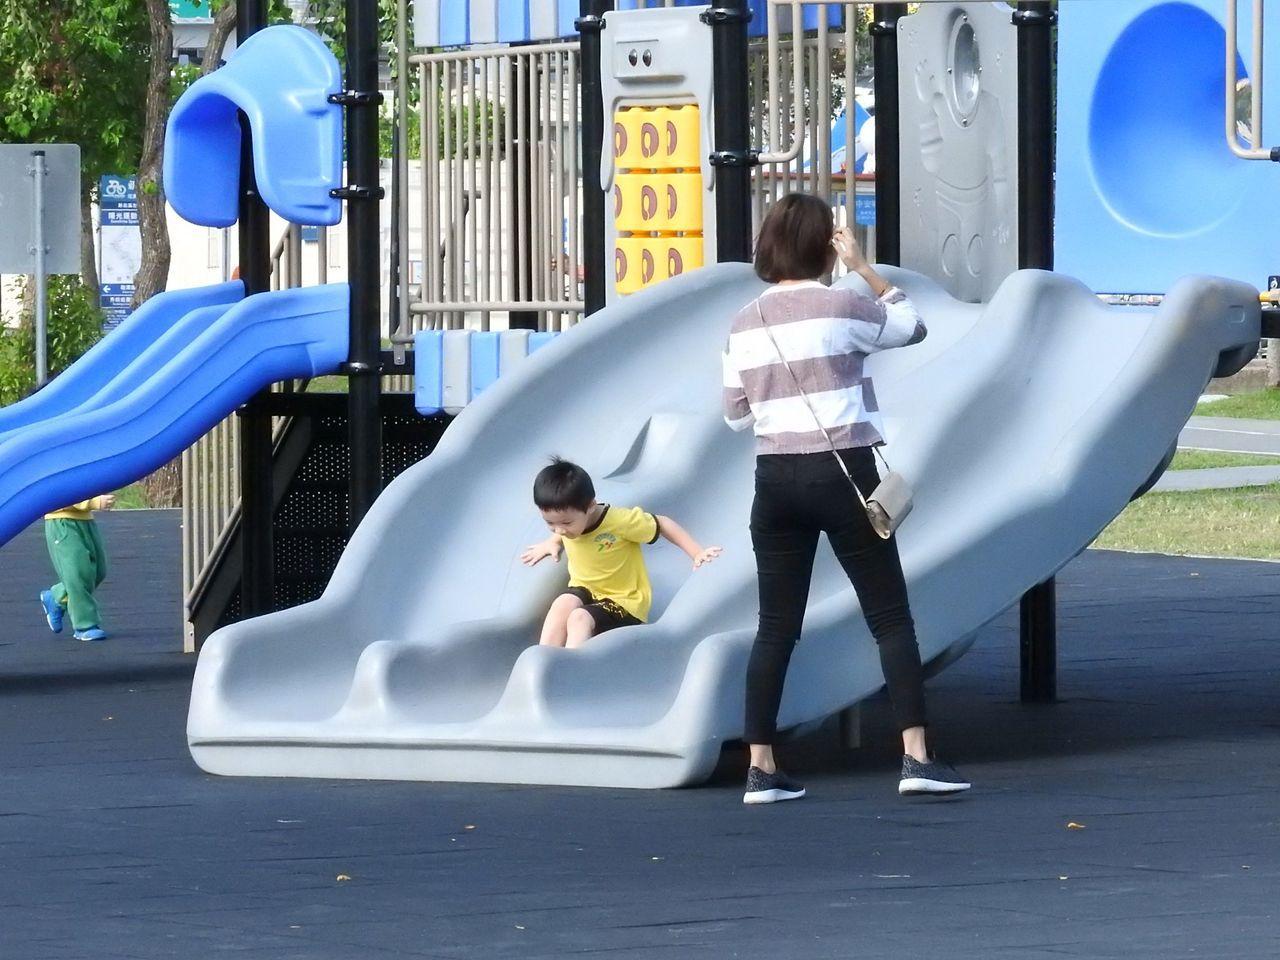 共融式遊具,日前再增林口公鄰23公園示範點。記者祁容玉/攝影